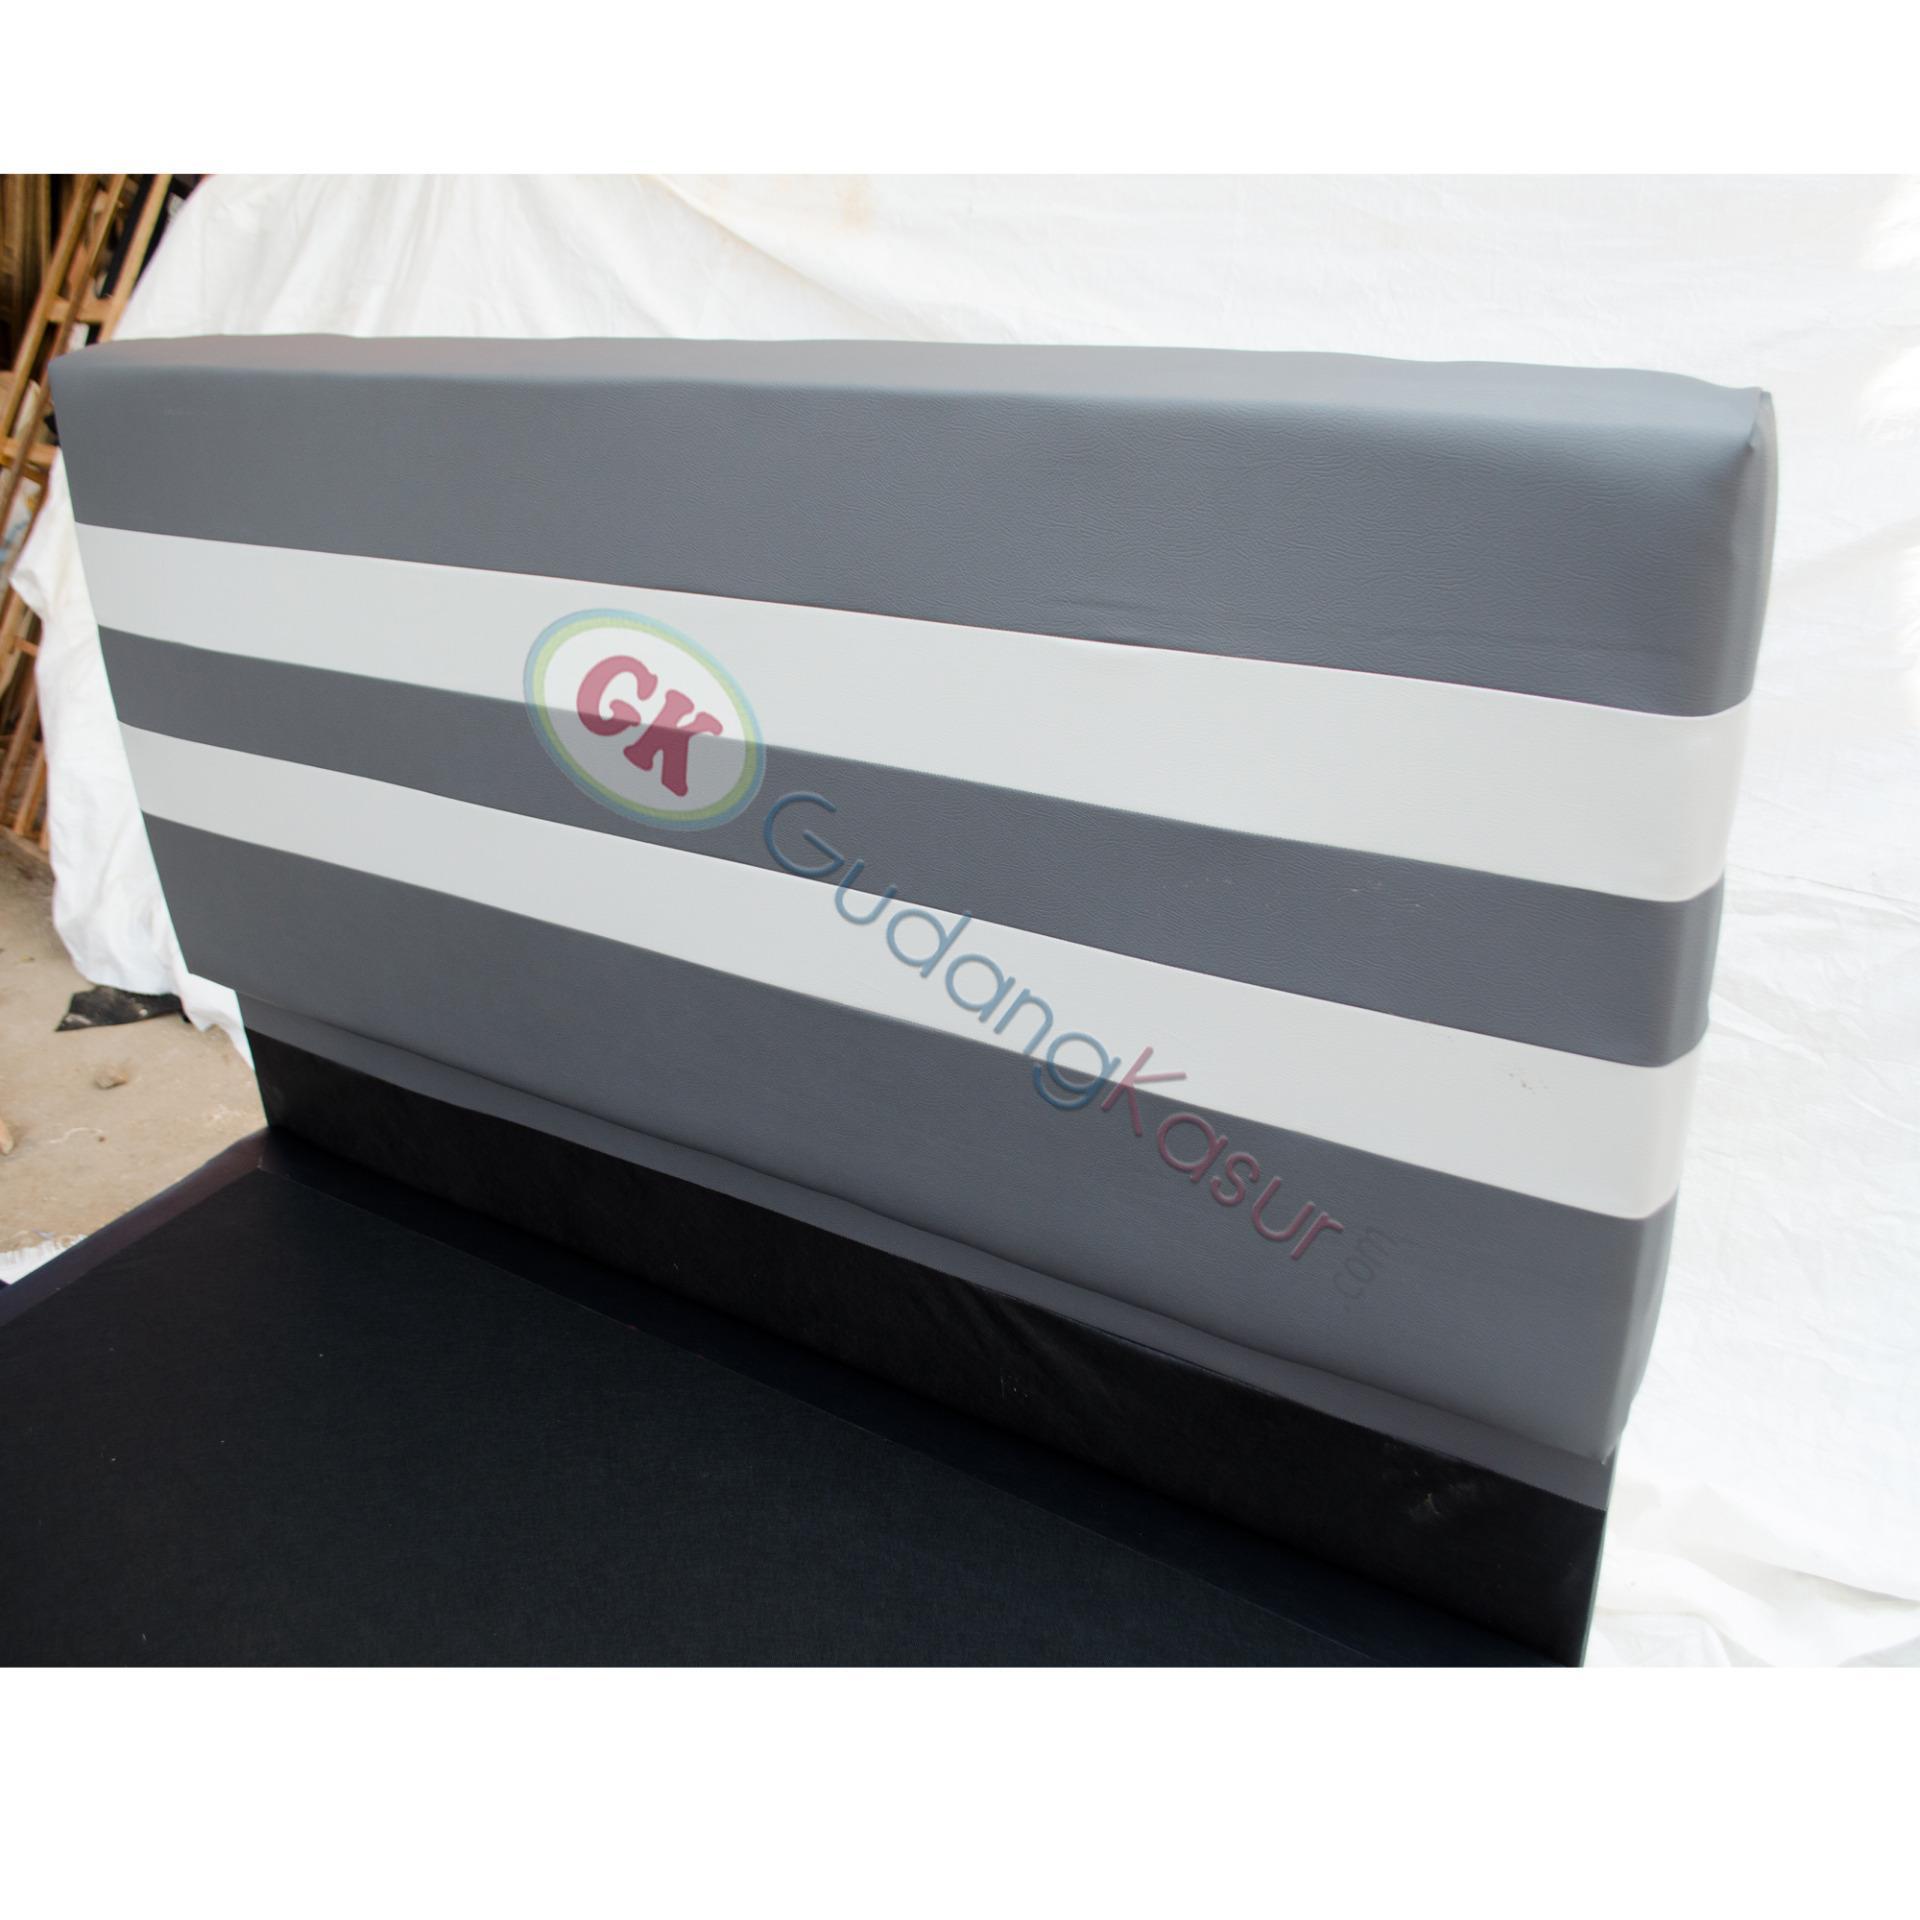 Features Dipan Divan Laci Tempat Tidur Untuk Kasur Dan Springbed Sky Wash Headboard 160x200 Nktlaciuk Queen160x200